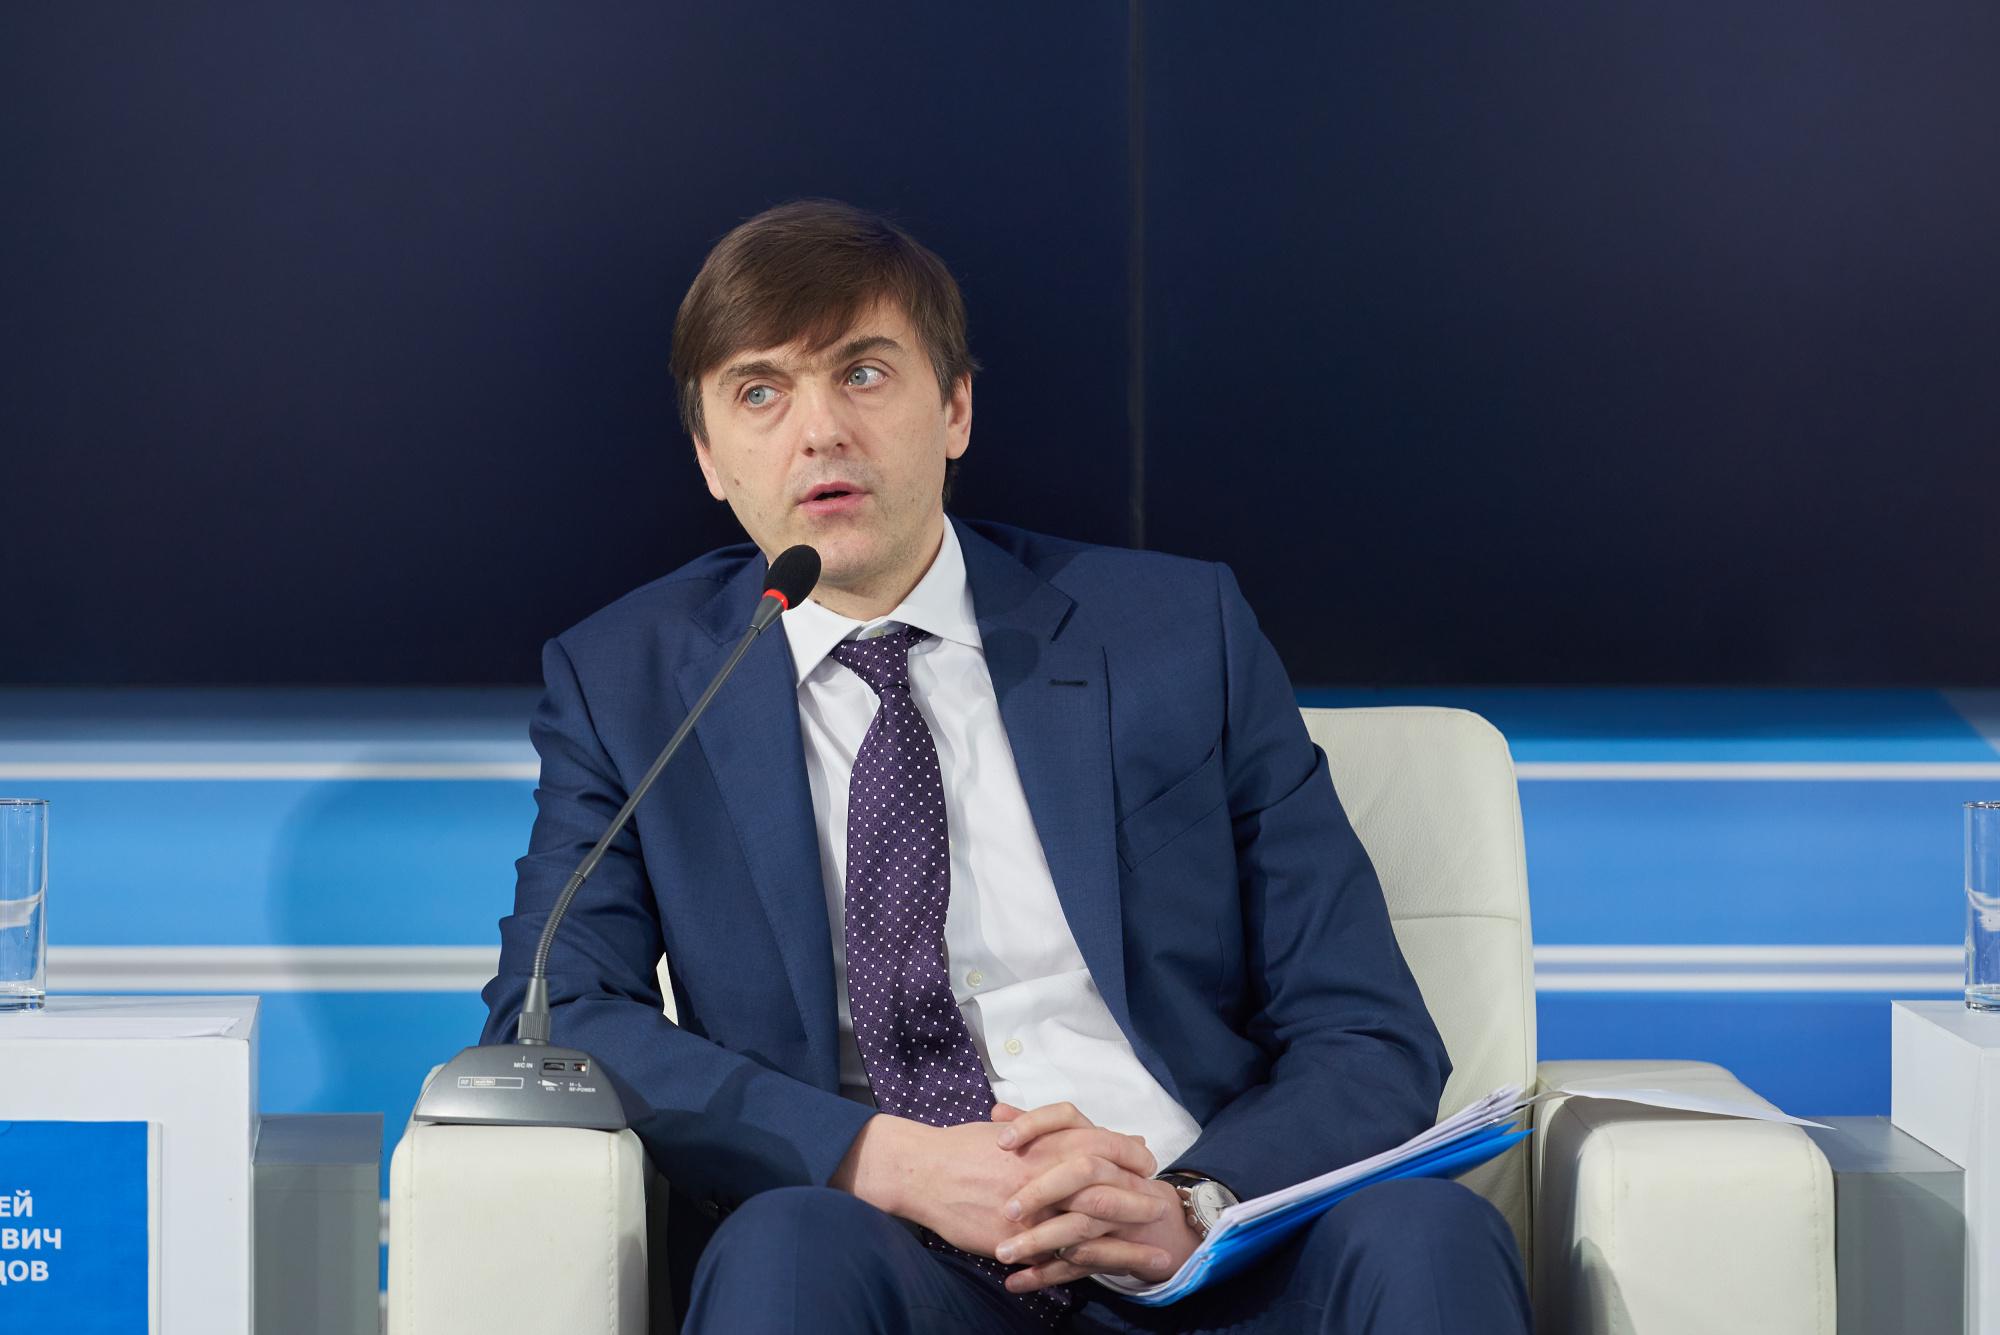 Прямая трансляция: Сергей Кравцов примет участие в заседании неформальной рабочей группы проекта «Образование-2030»